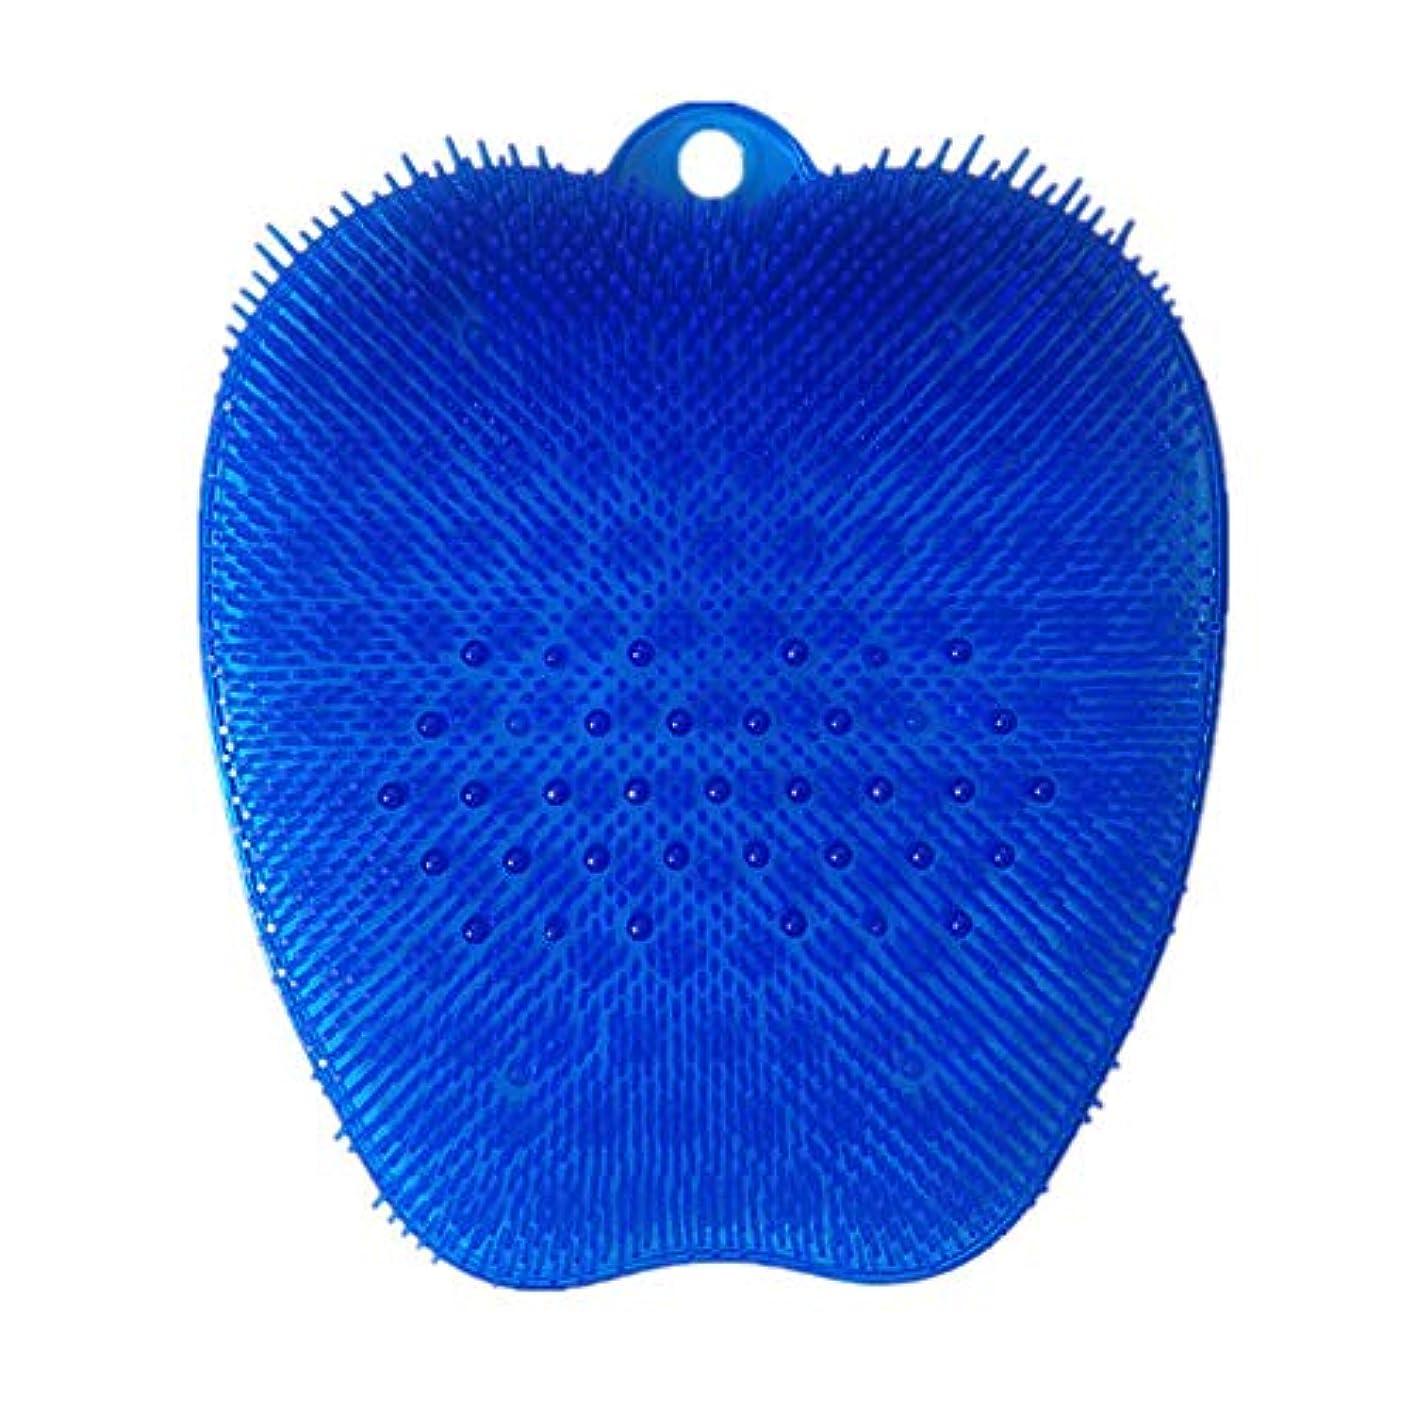 ミネラル回転耐えられない足洗いブラシ 滑らない吸盤付き ブルー フットケア フットブラシ 角質ケアブラシ お風呂で使える